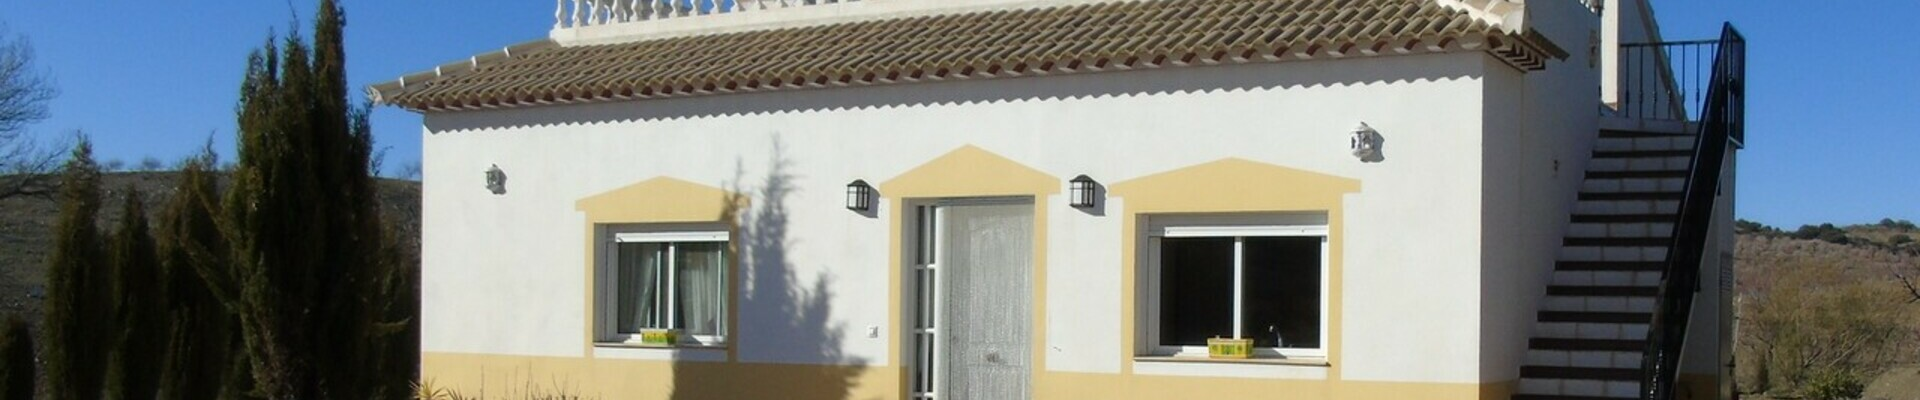 AF597: 3 Bedroom Villa for Sale